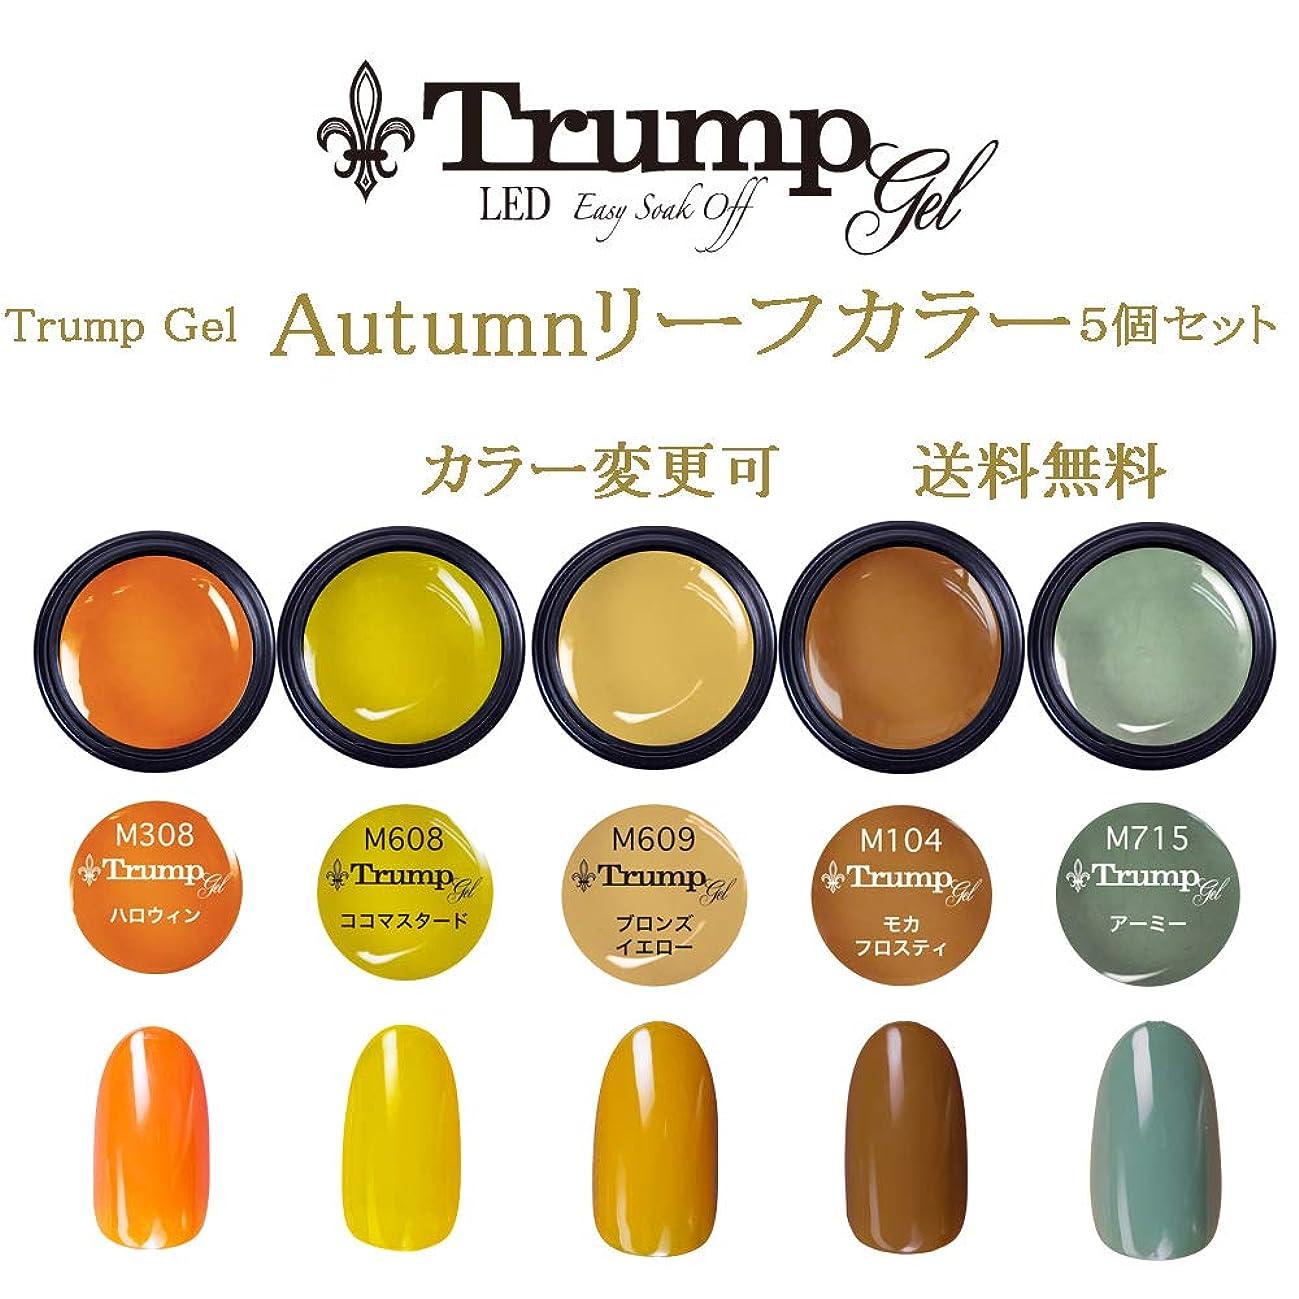 安心世紀真実【送料無料】日本製 Trump gel トランプジェル オータムリーフカラー 選べる カラージェル 5個セット オータムネイル ベージュ ブラウン マスタード カラー